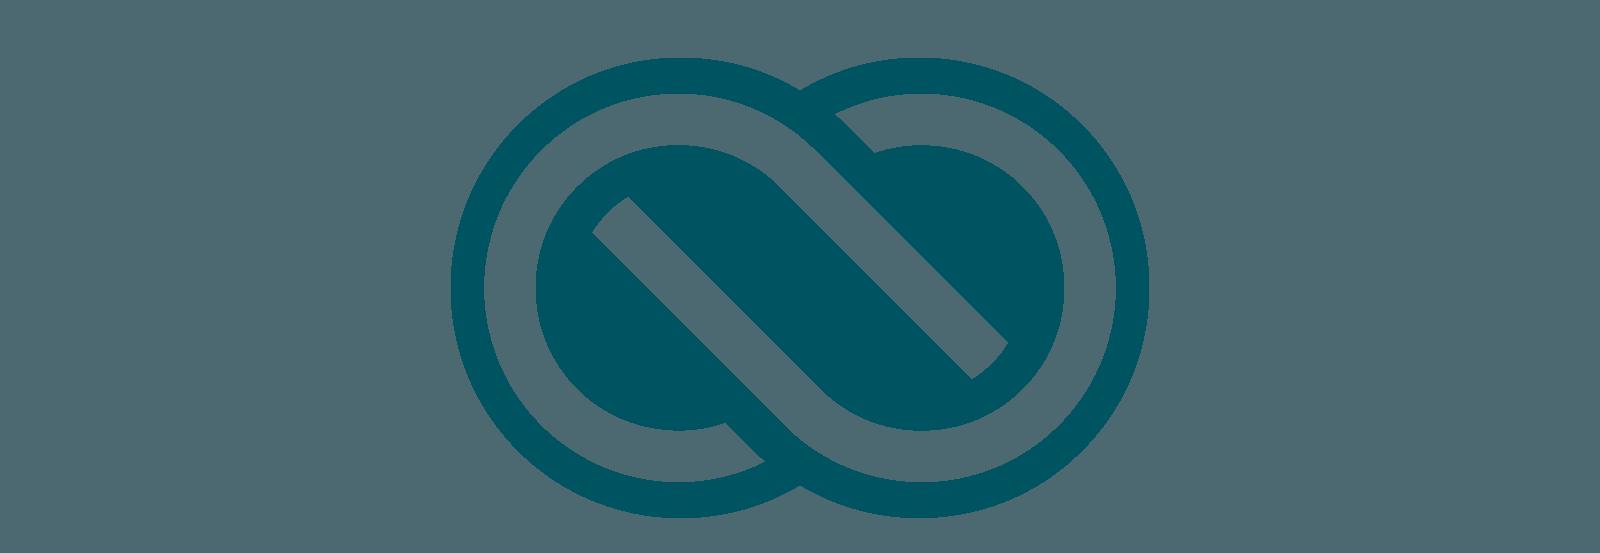 keyvisual logo affina